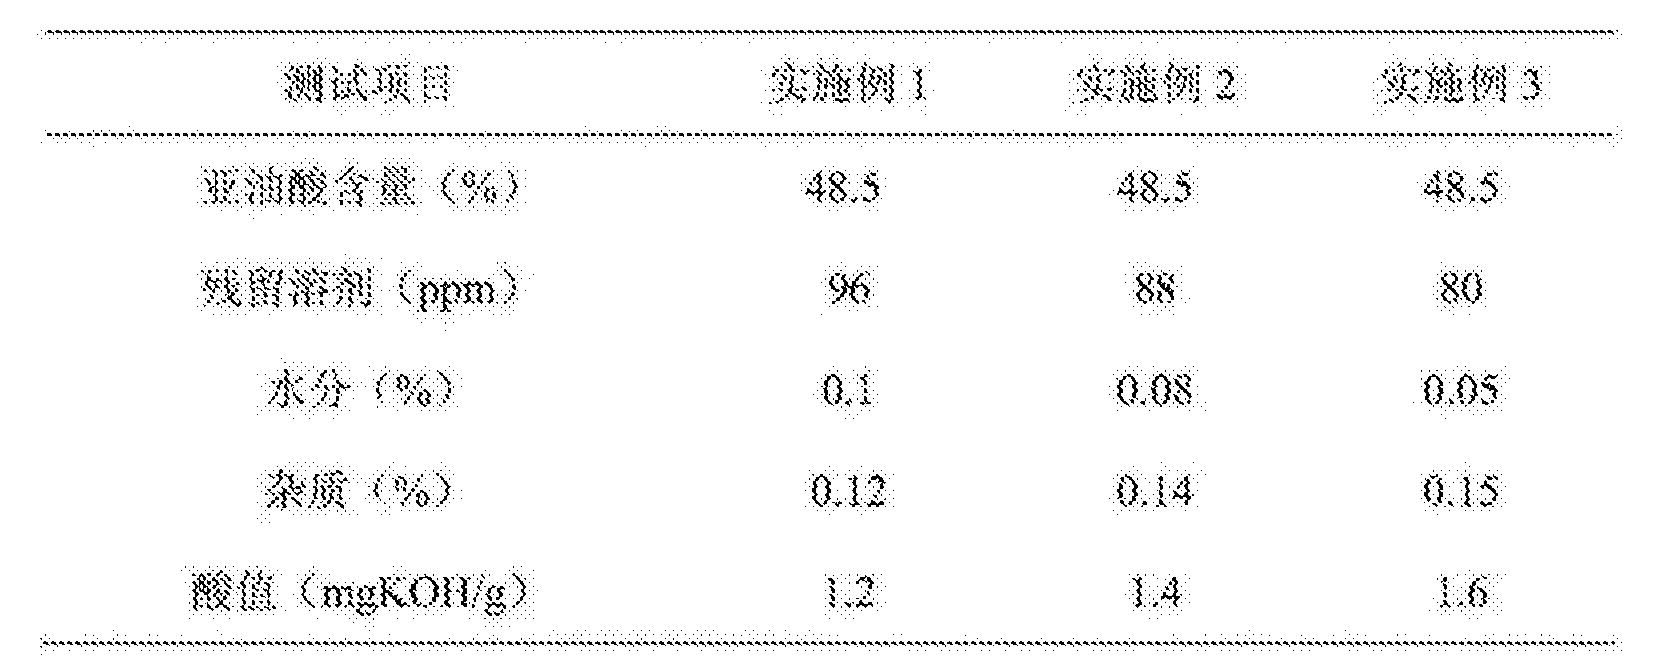 Figure CN104673486BD00112